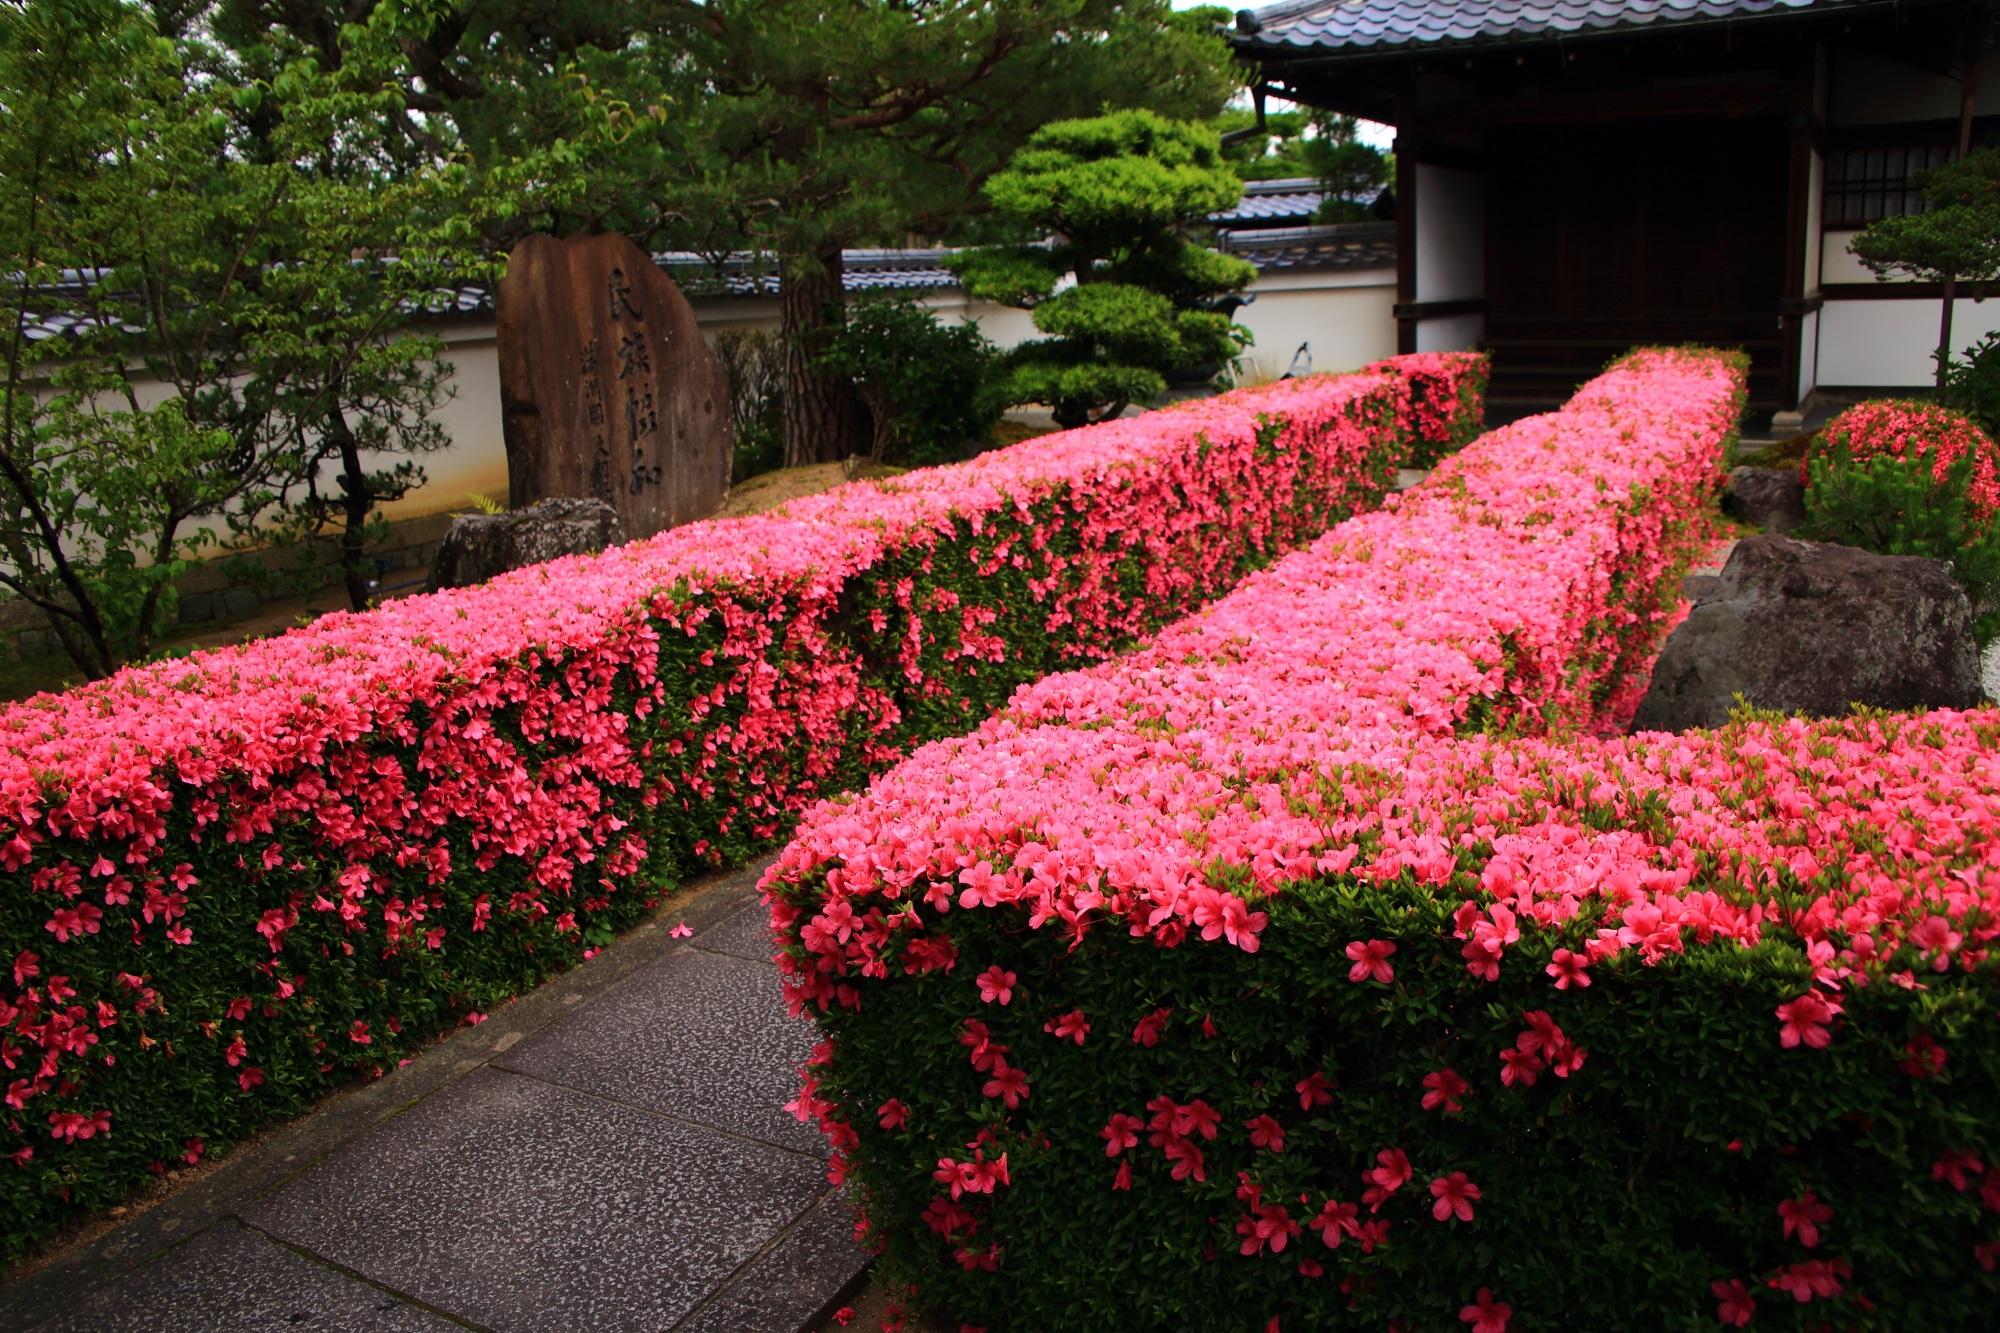 妙心寺塔頭の慈雲院の緑を背景にした一面ピンクのサツキの生垣